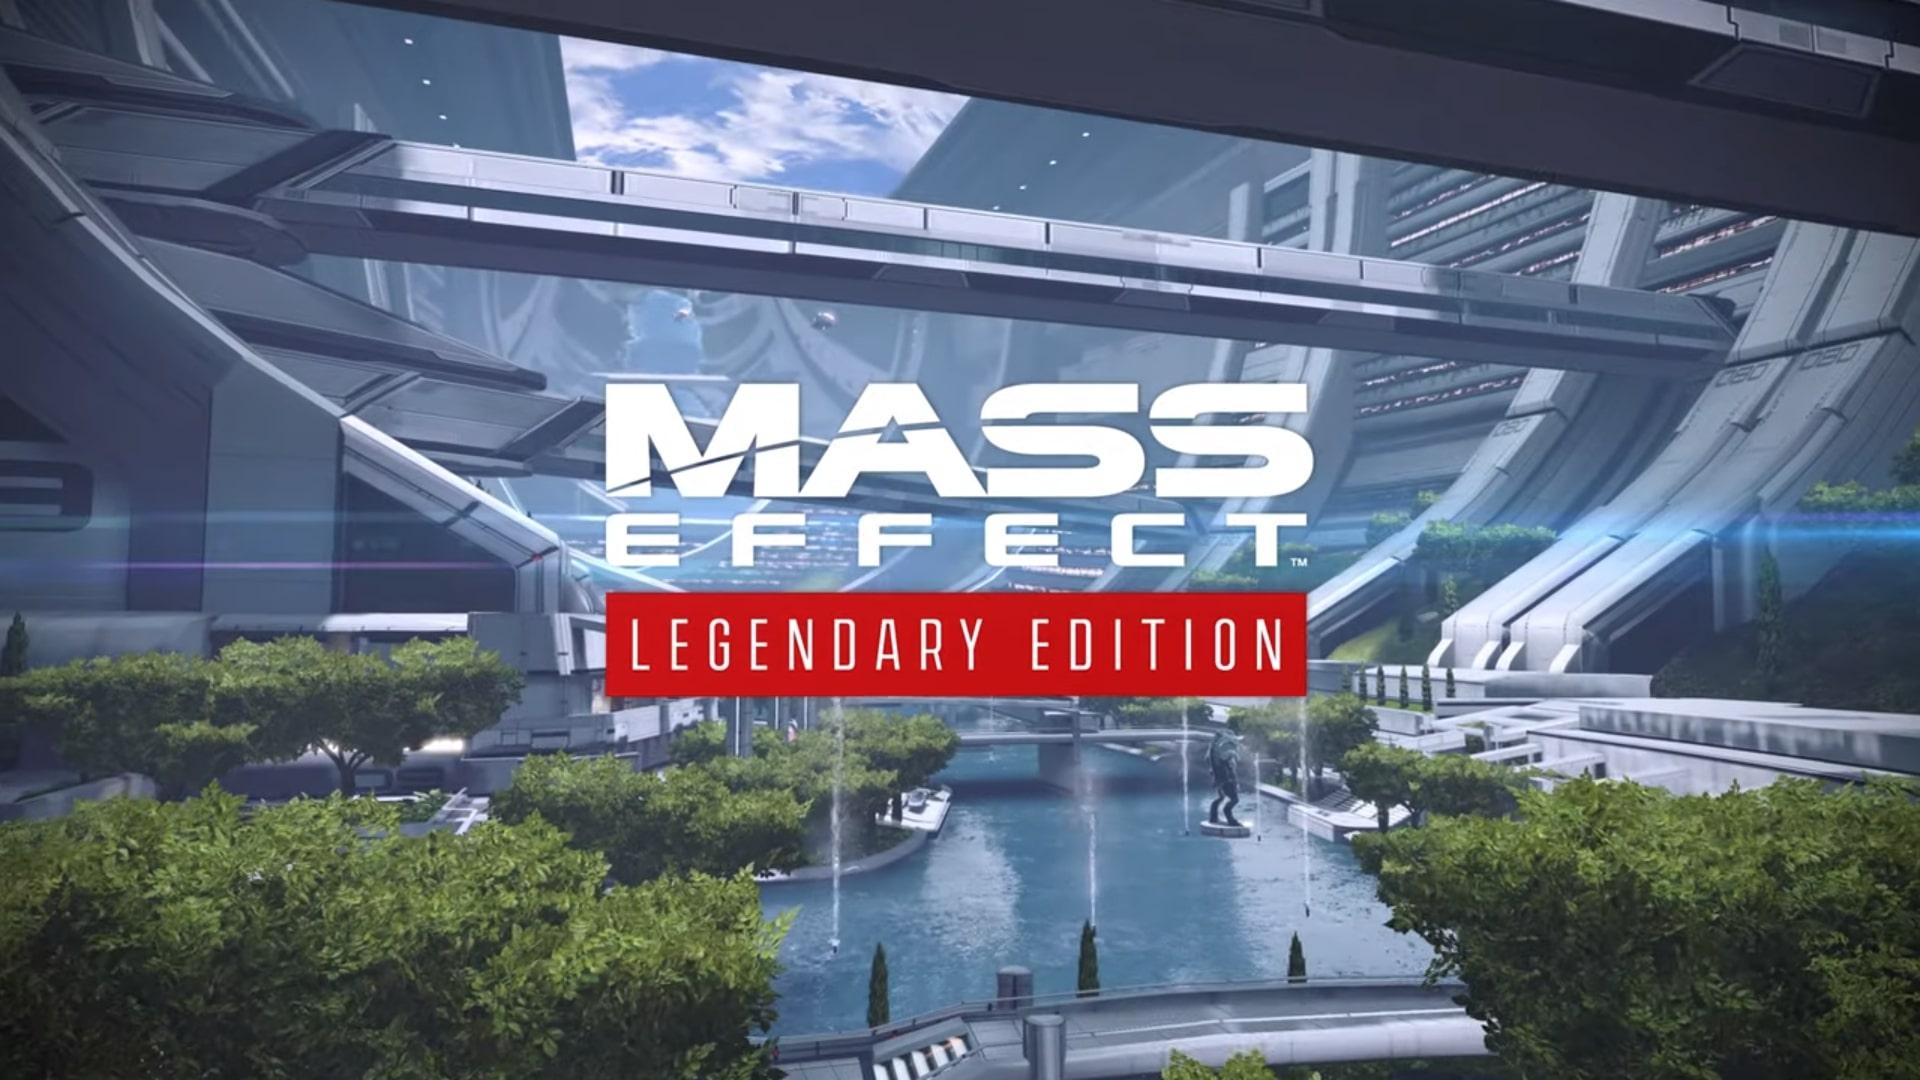 mass-effect-trailer-2